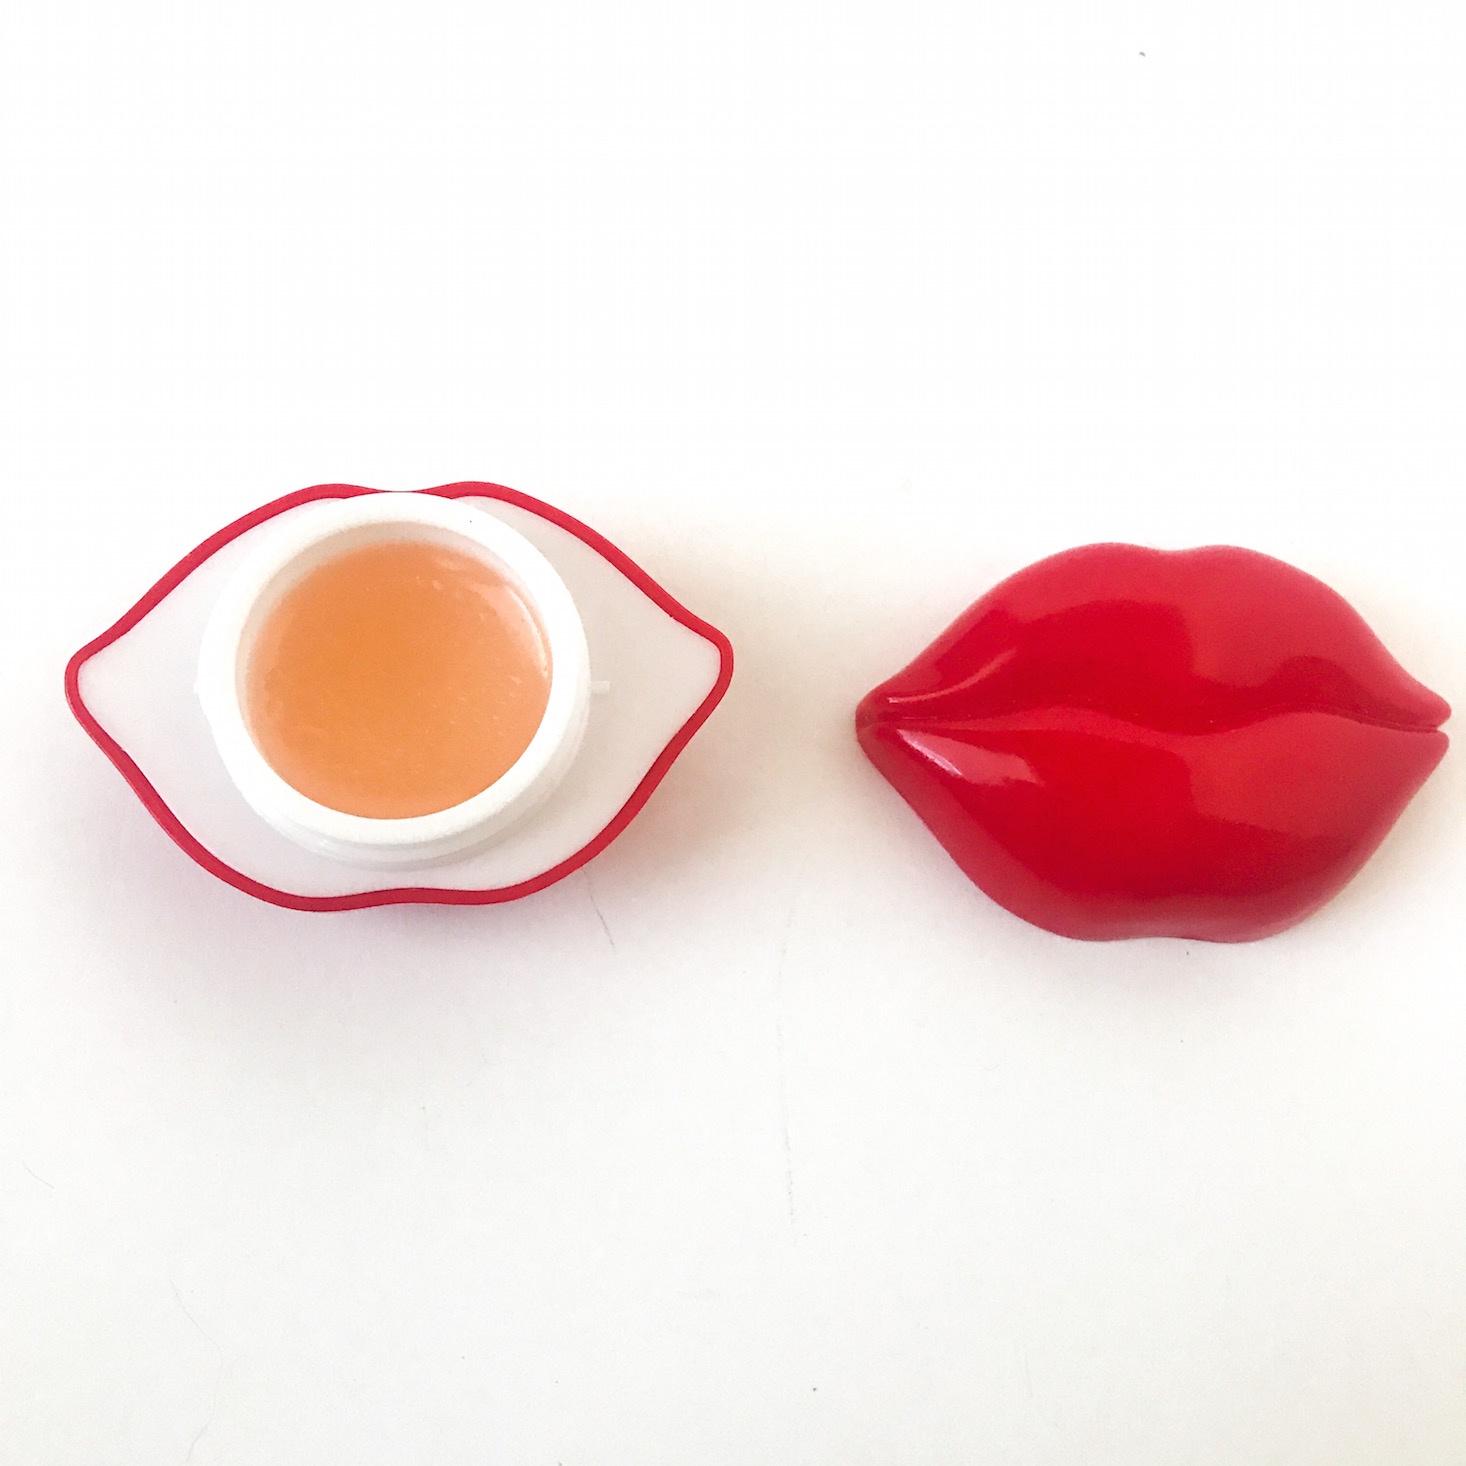 Бальзам-эссенция для губ Tony Moly Kiss Kiss Lip Essence Balm недорго, оригинальная цена